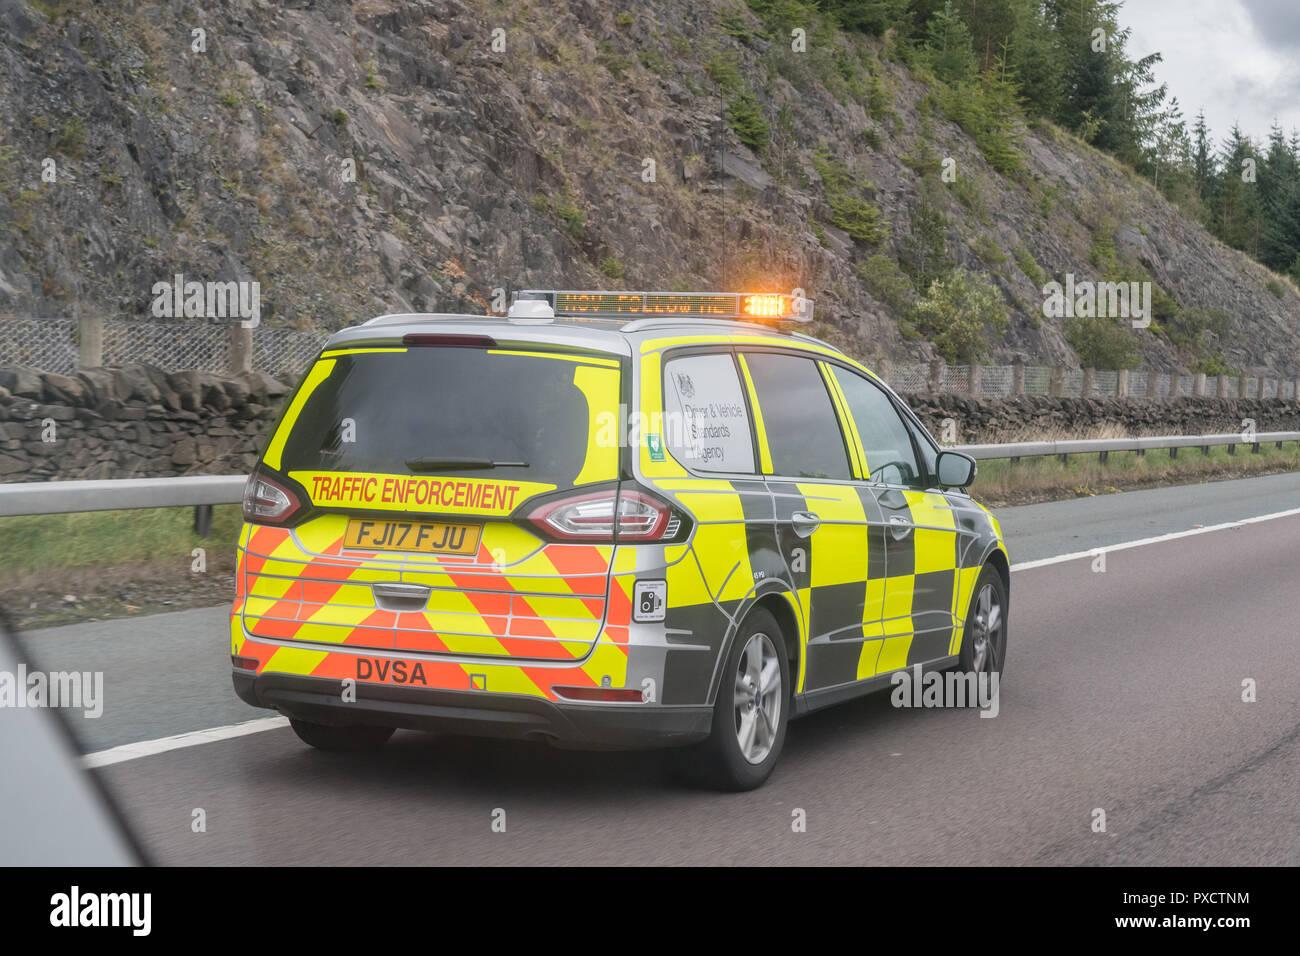 Durchsetzung der Fahrzeug auf A74 (M), indem Beattock überprüfen Site bitten, ein LKW Fahrer über matrix Nachricht sign on Light bar angezeigt zu ziehen Stockbild